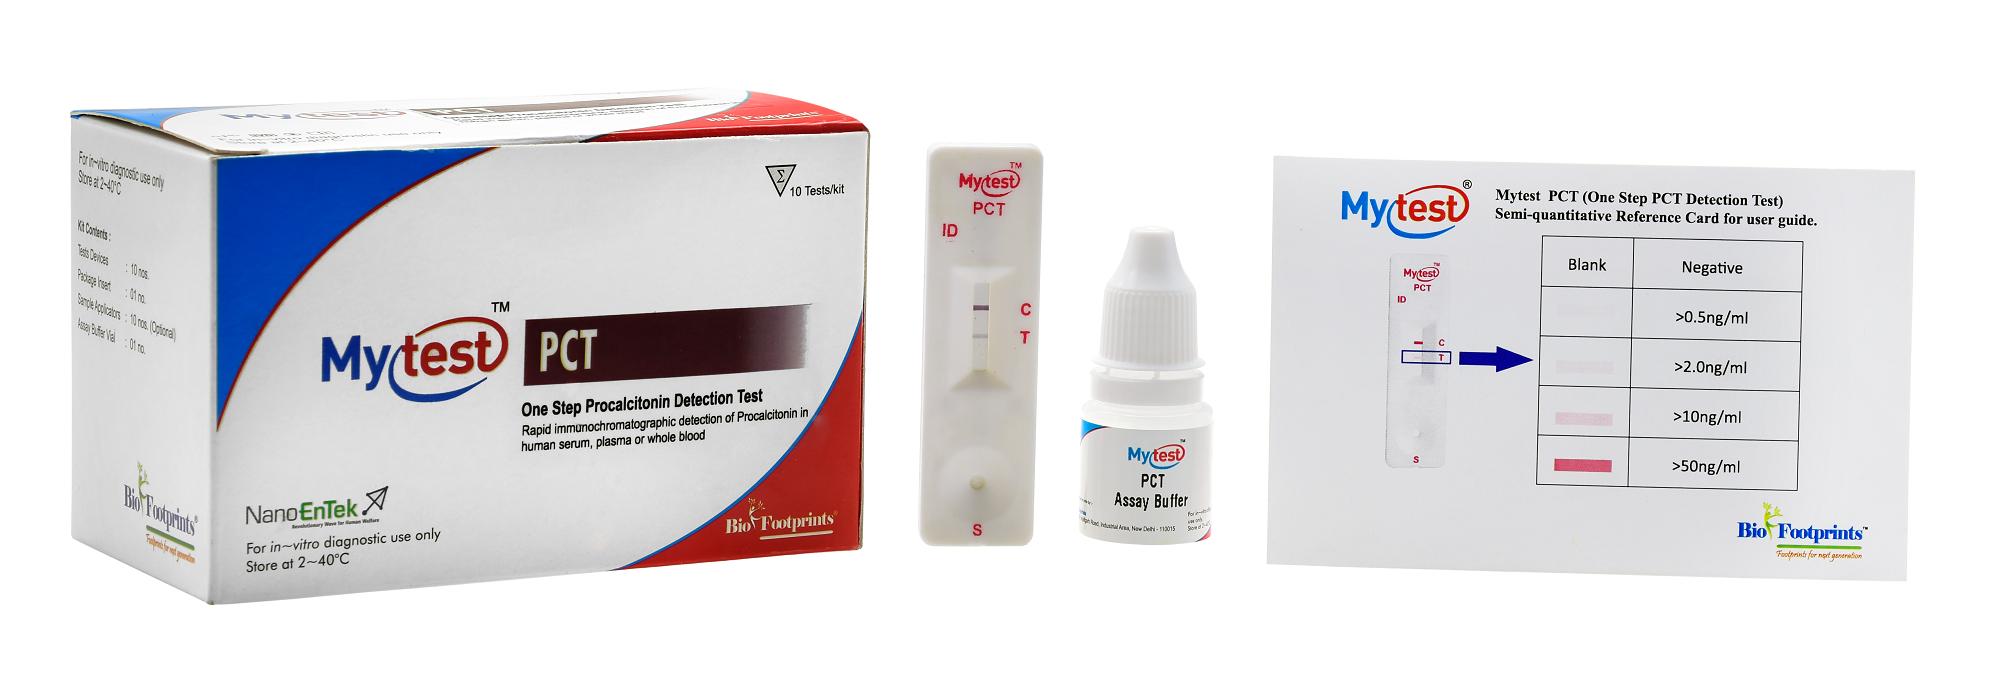 Mytest PCT (Procalcitonin )